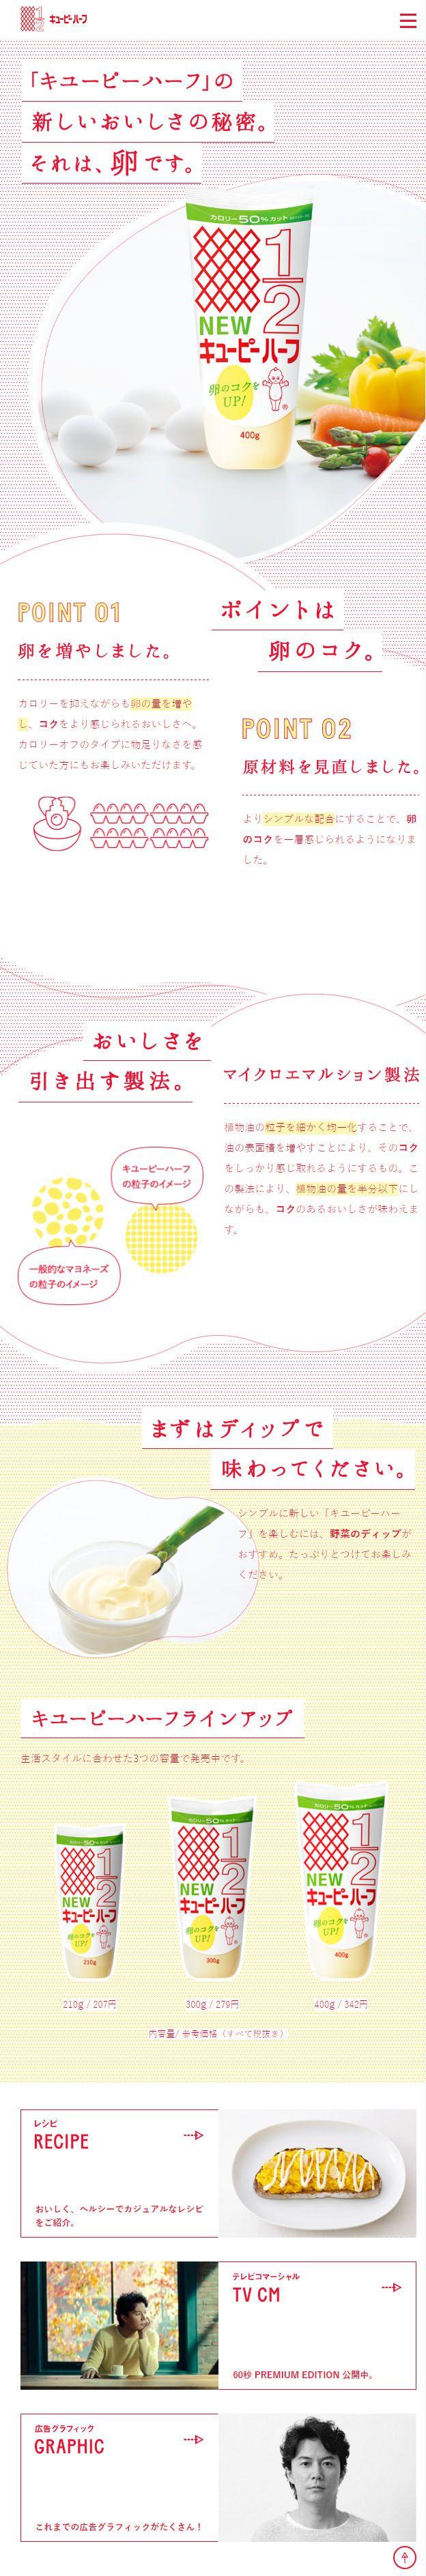 キューピーハーフ【食品関連】のLPデザイン。WEBデザイナーさん必見!スマホランディングページのデザイン参考に(かわいい系)